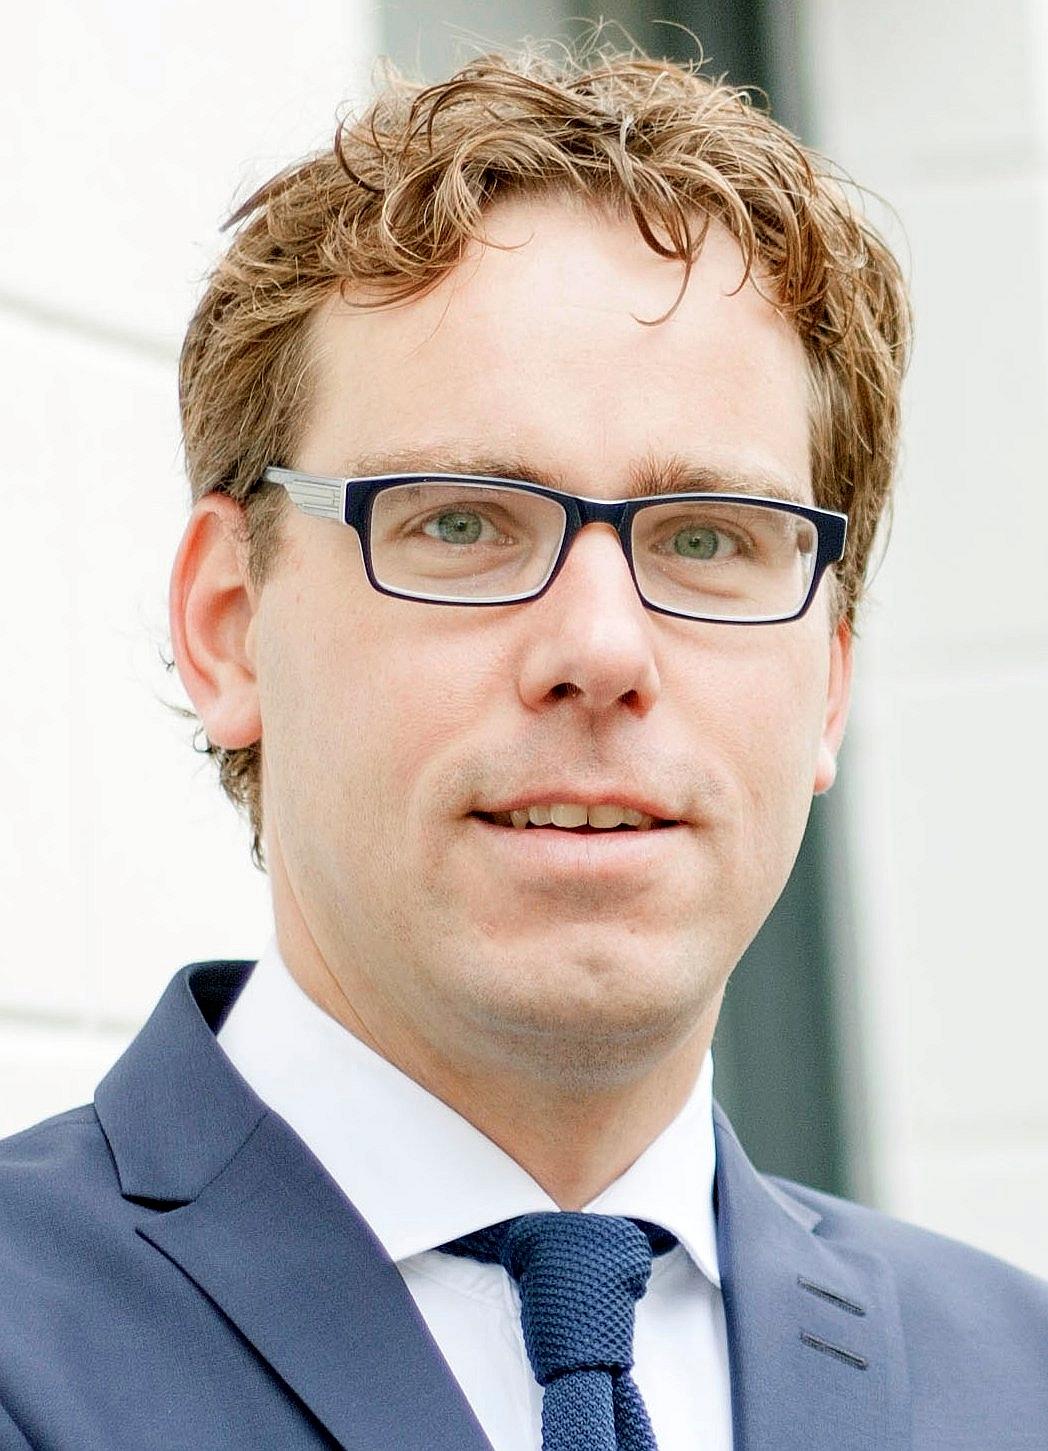 Picture Teus van Vianen